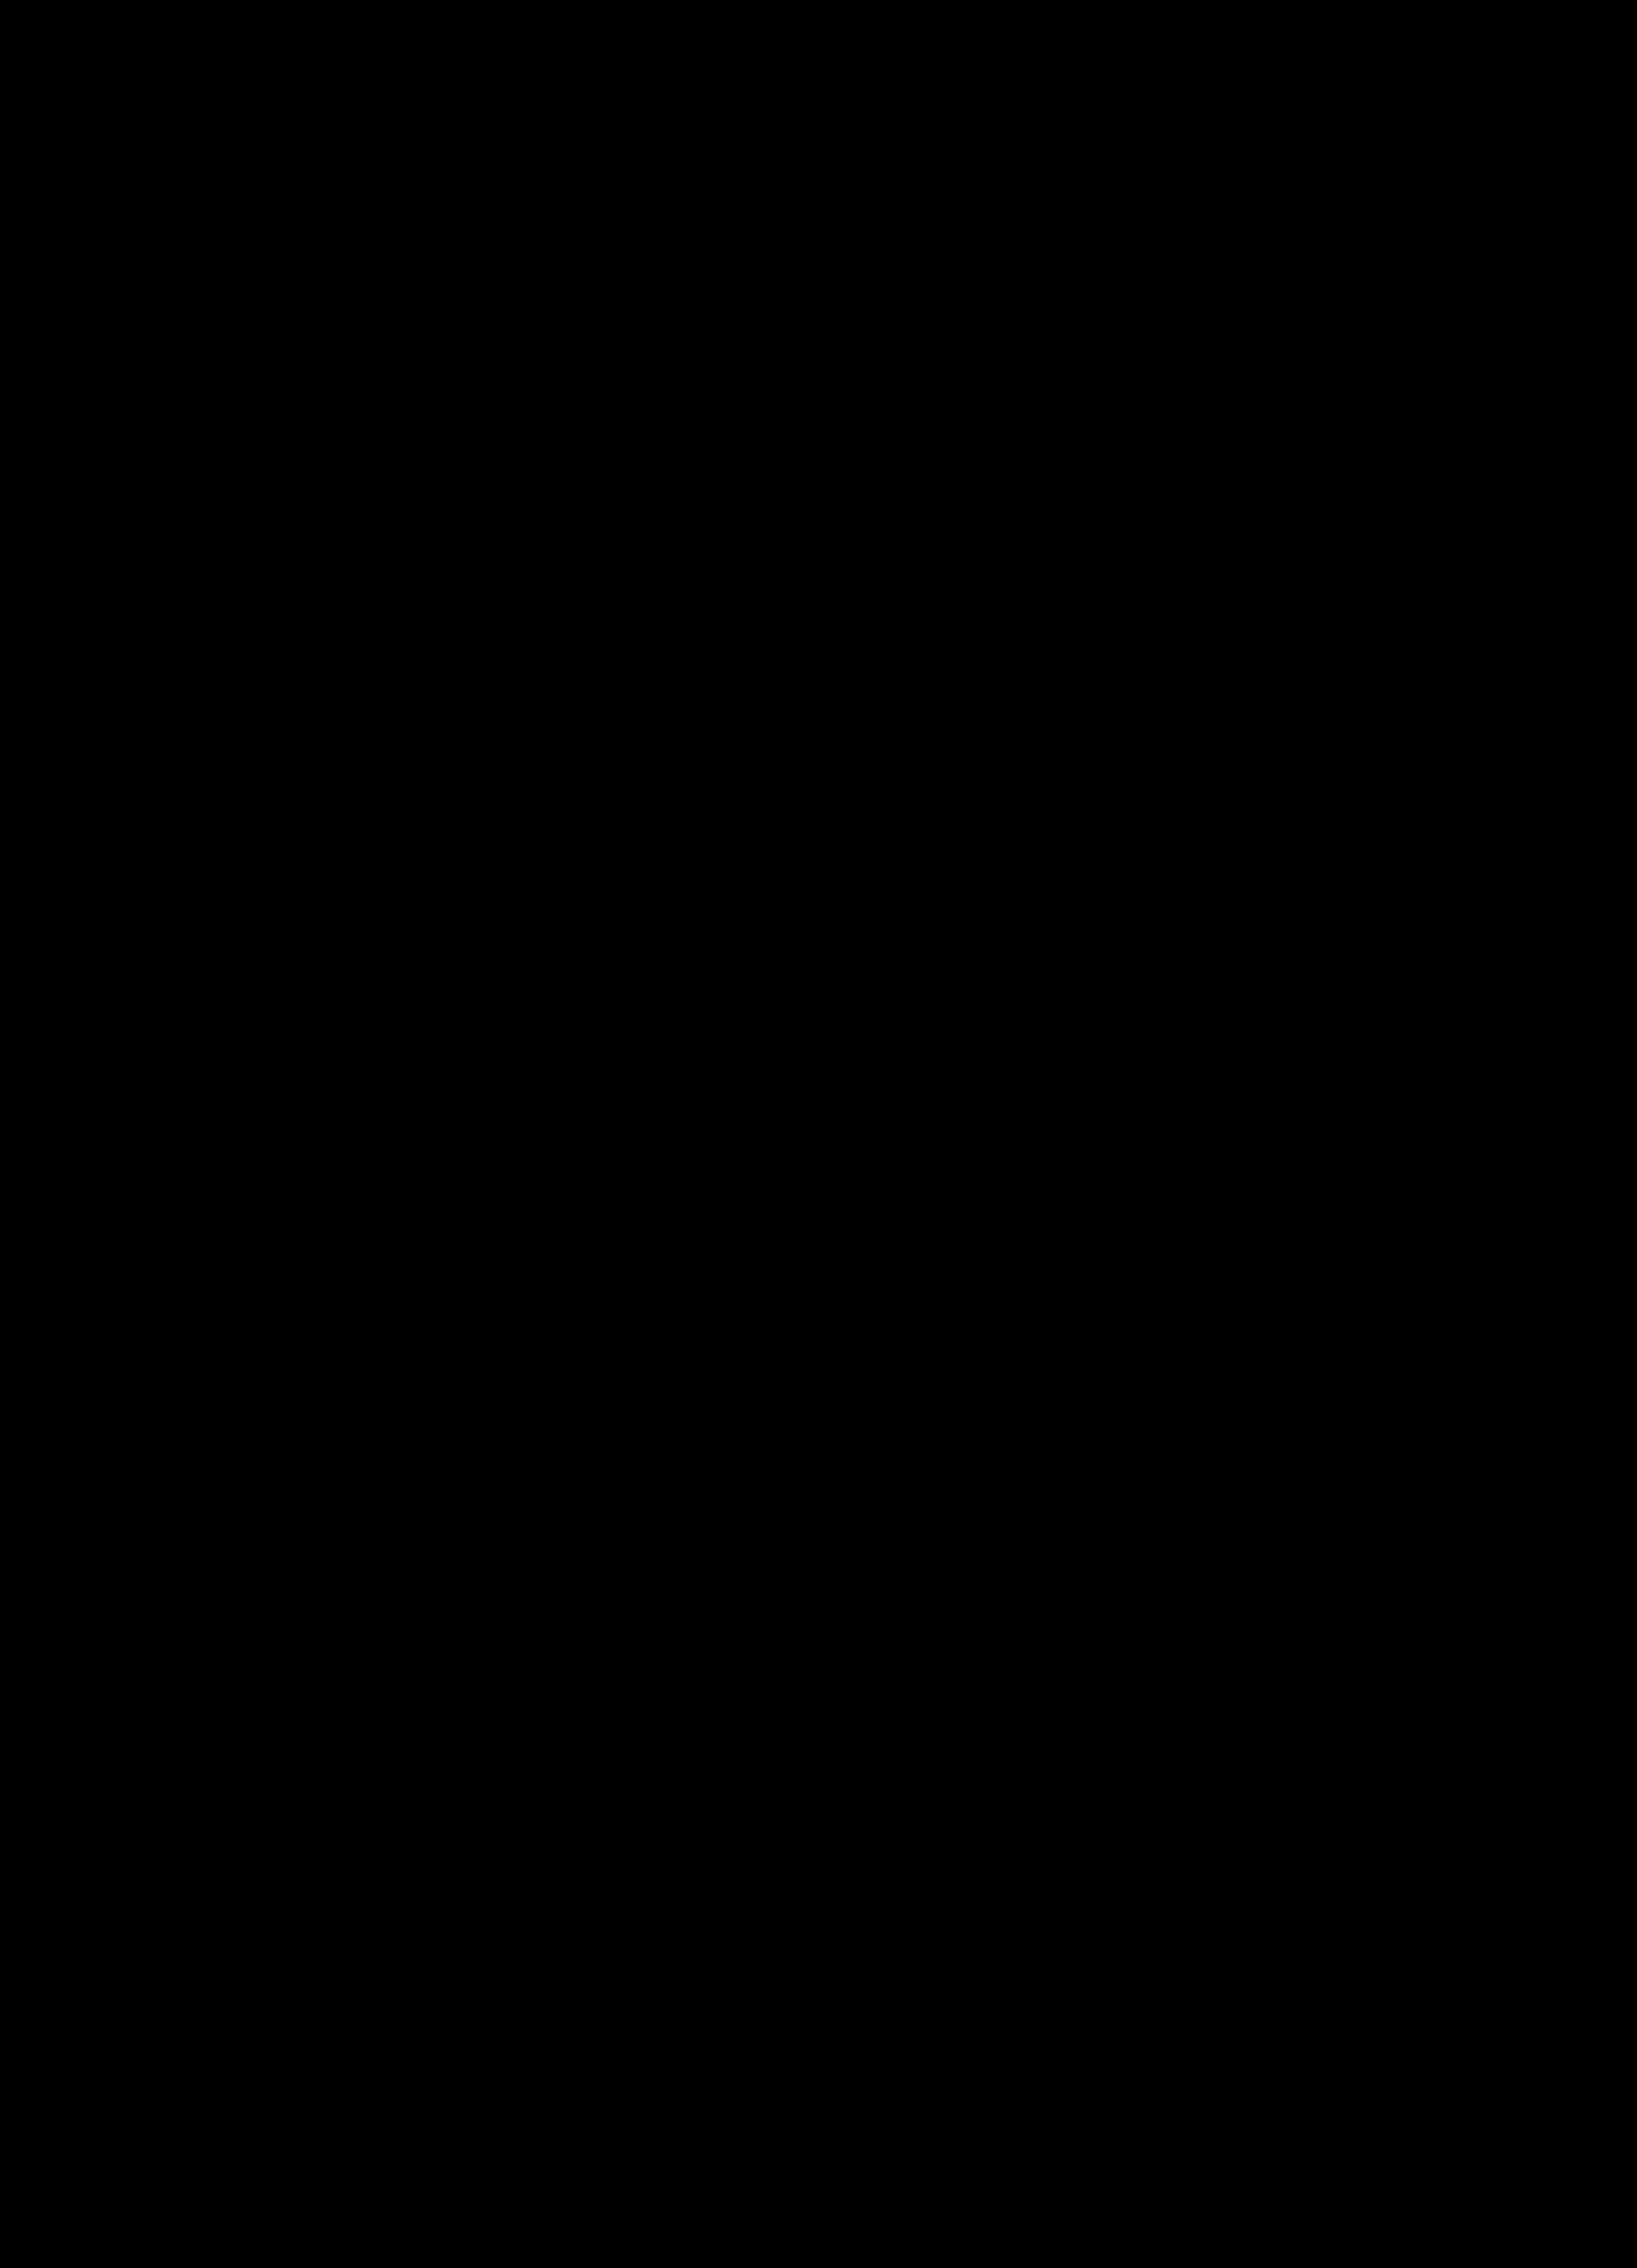 Hommage à Camille, Coteaux Champenois Blanc